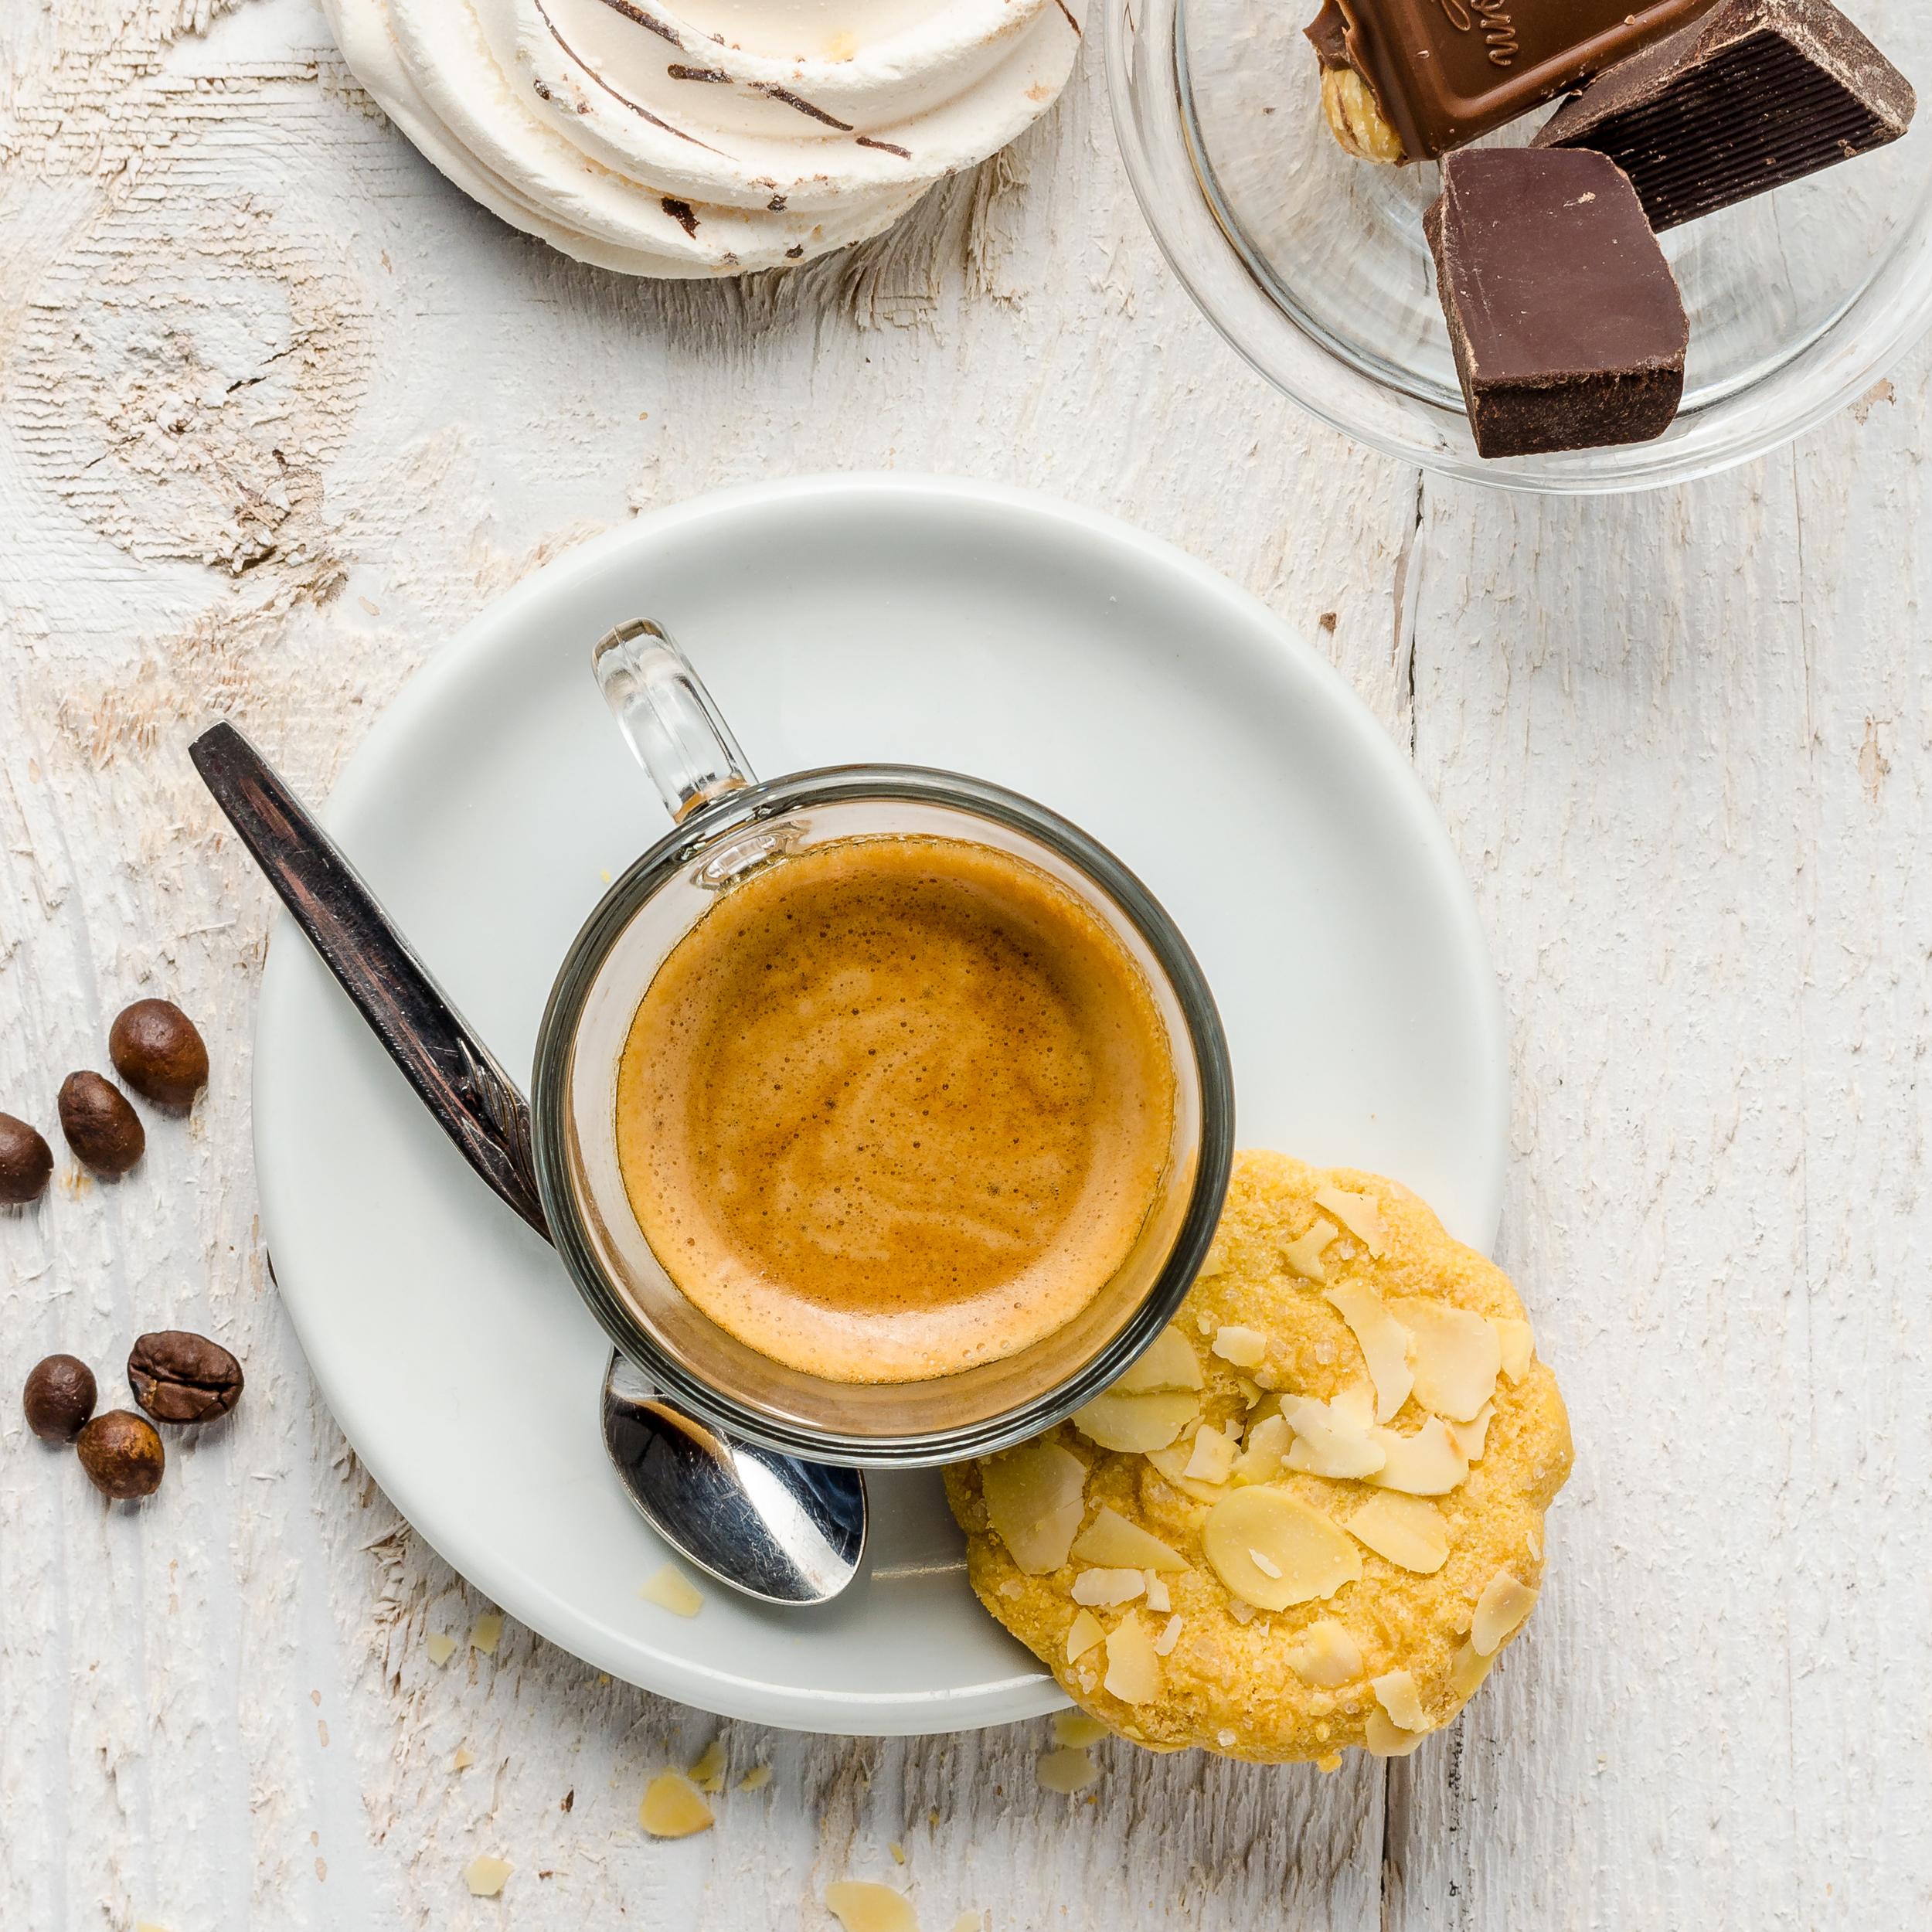 Productfotografie Koffie